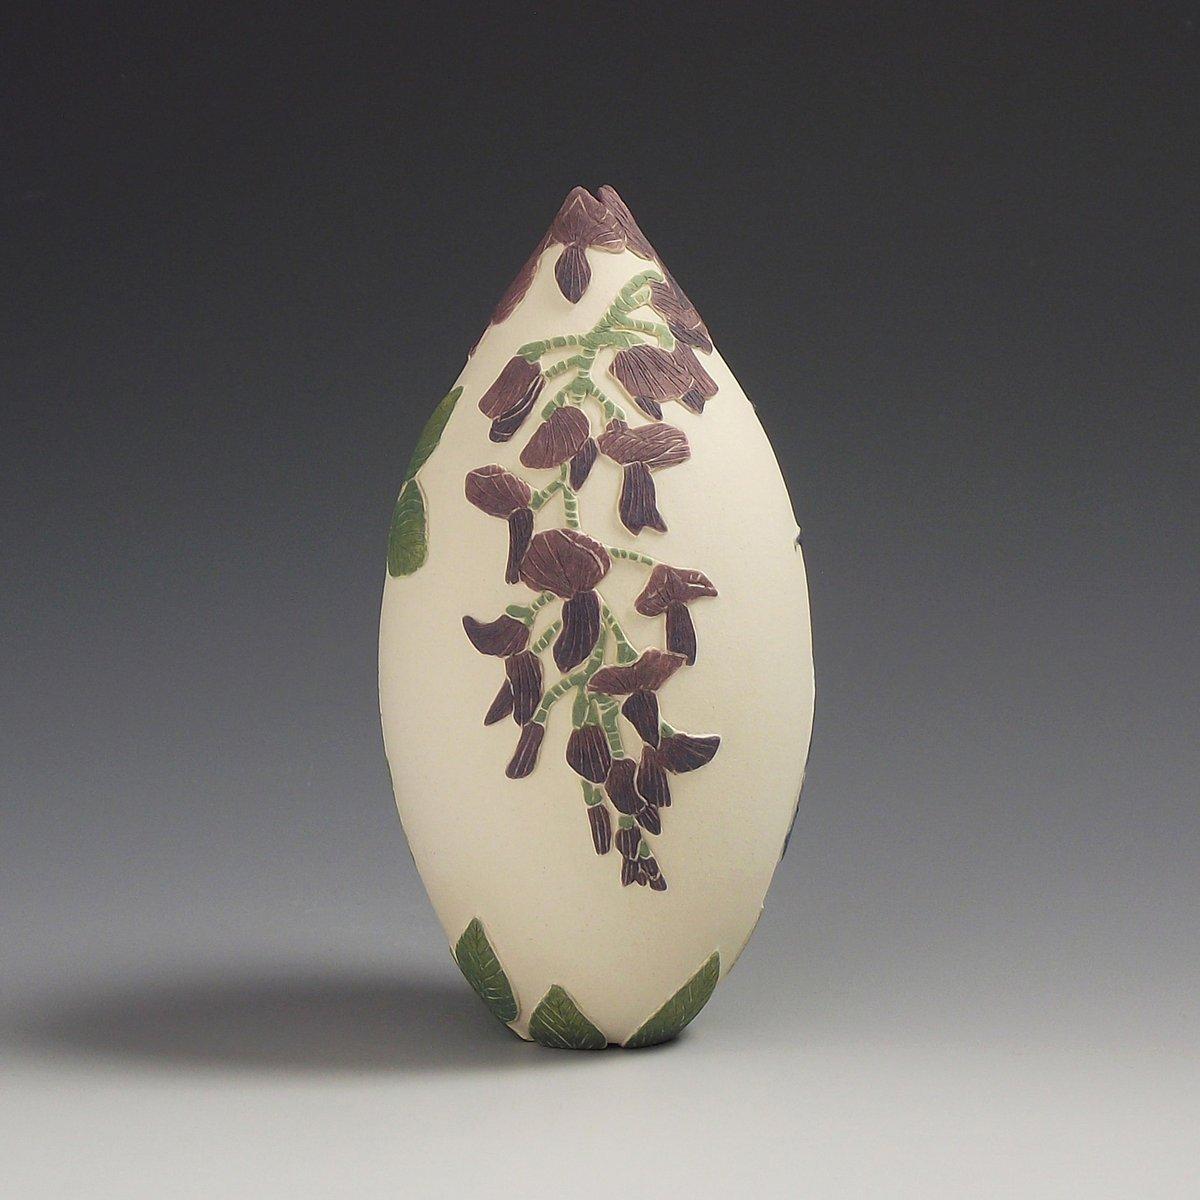 Iswara butterfly & velvet bean plant sgraffito vessel